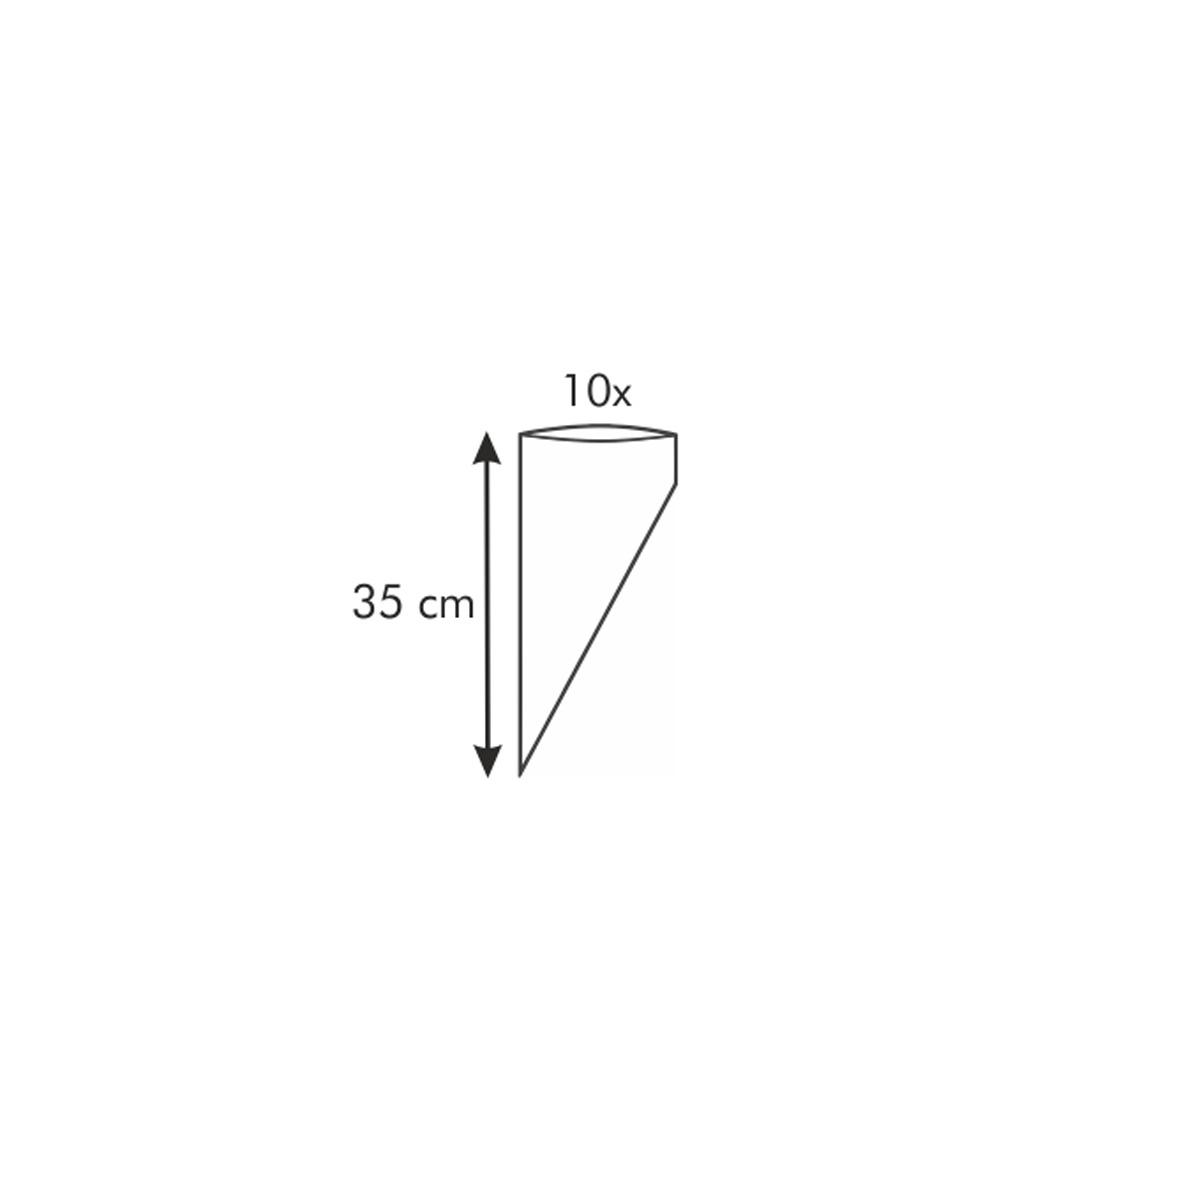 Zdobicí sáček DELÍCIA 35 cm, 10 ks